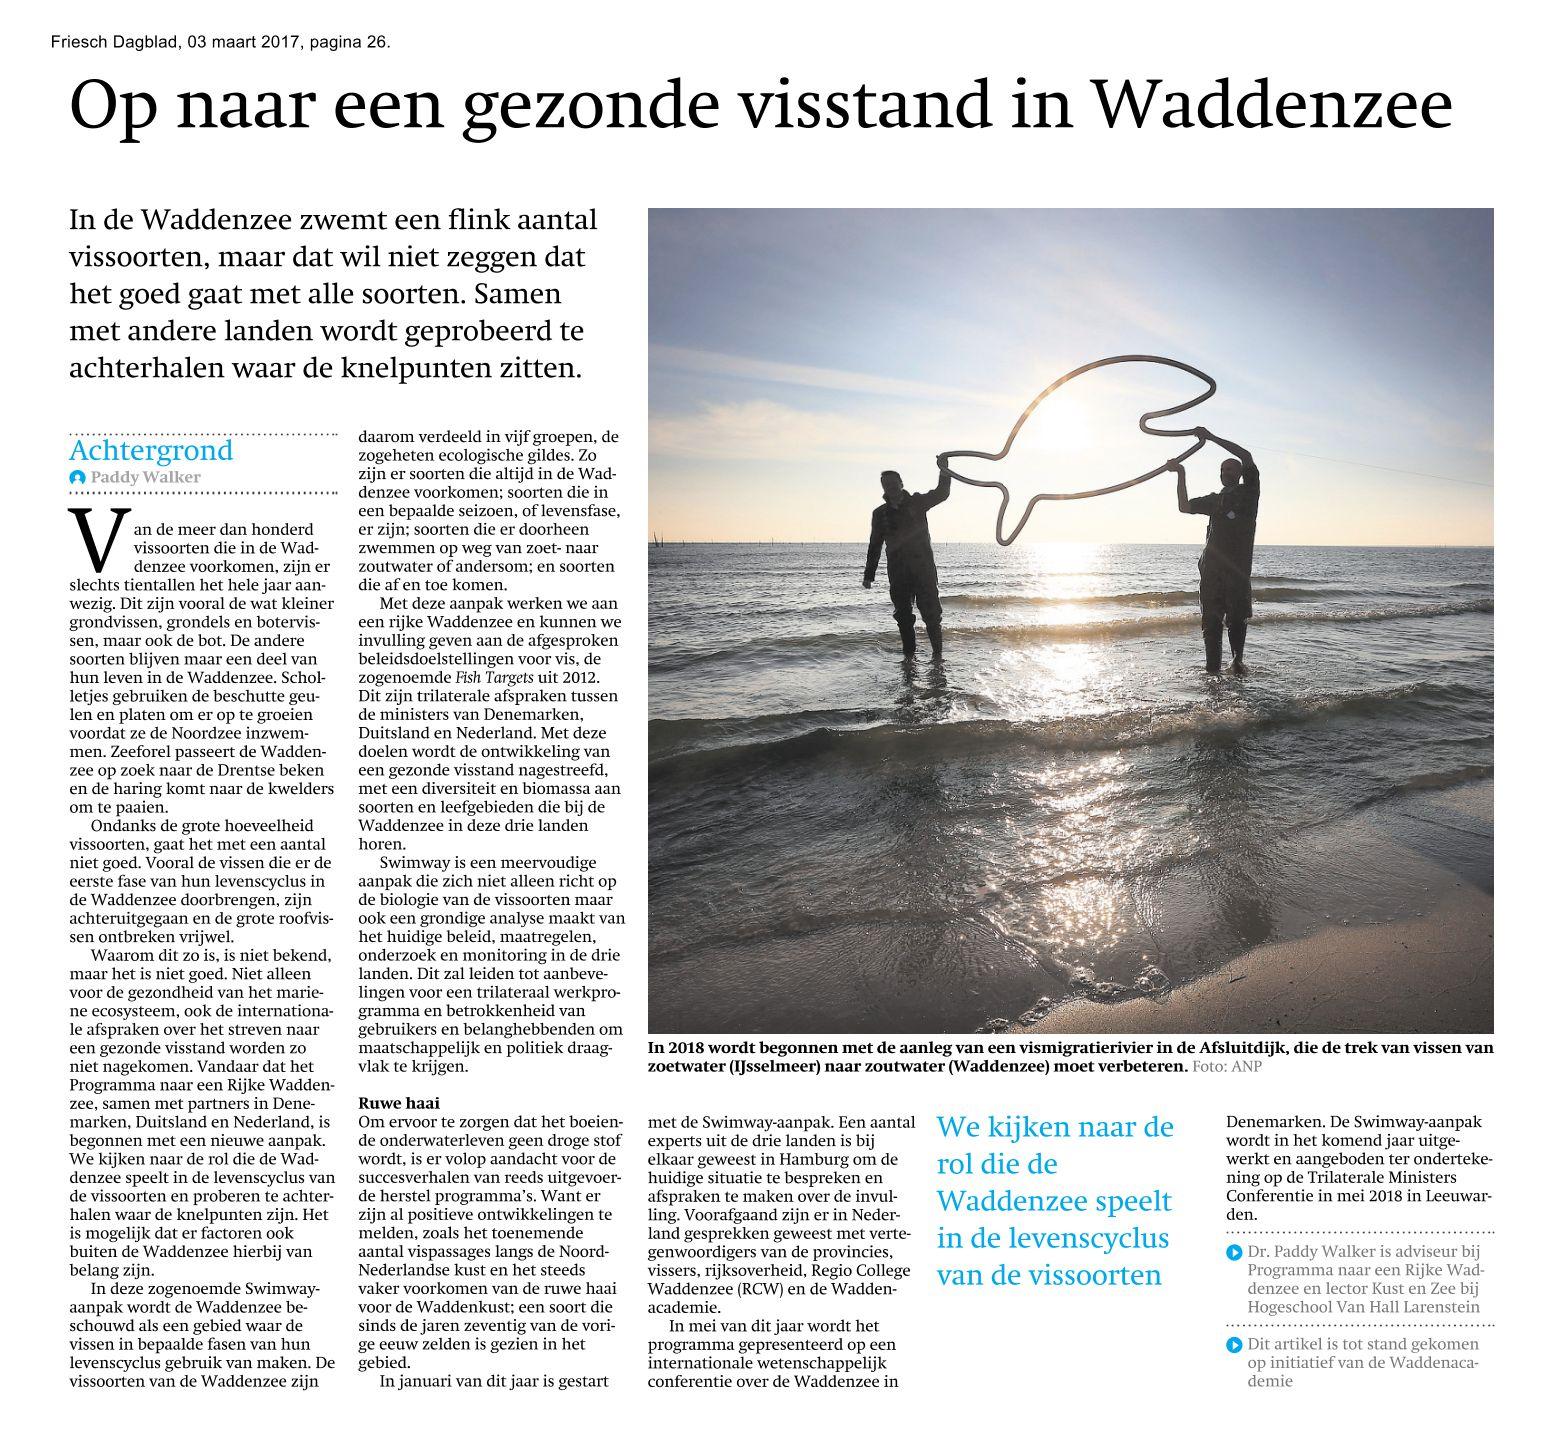 Artikel Friesch Dagblad